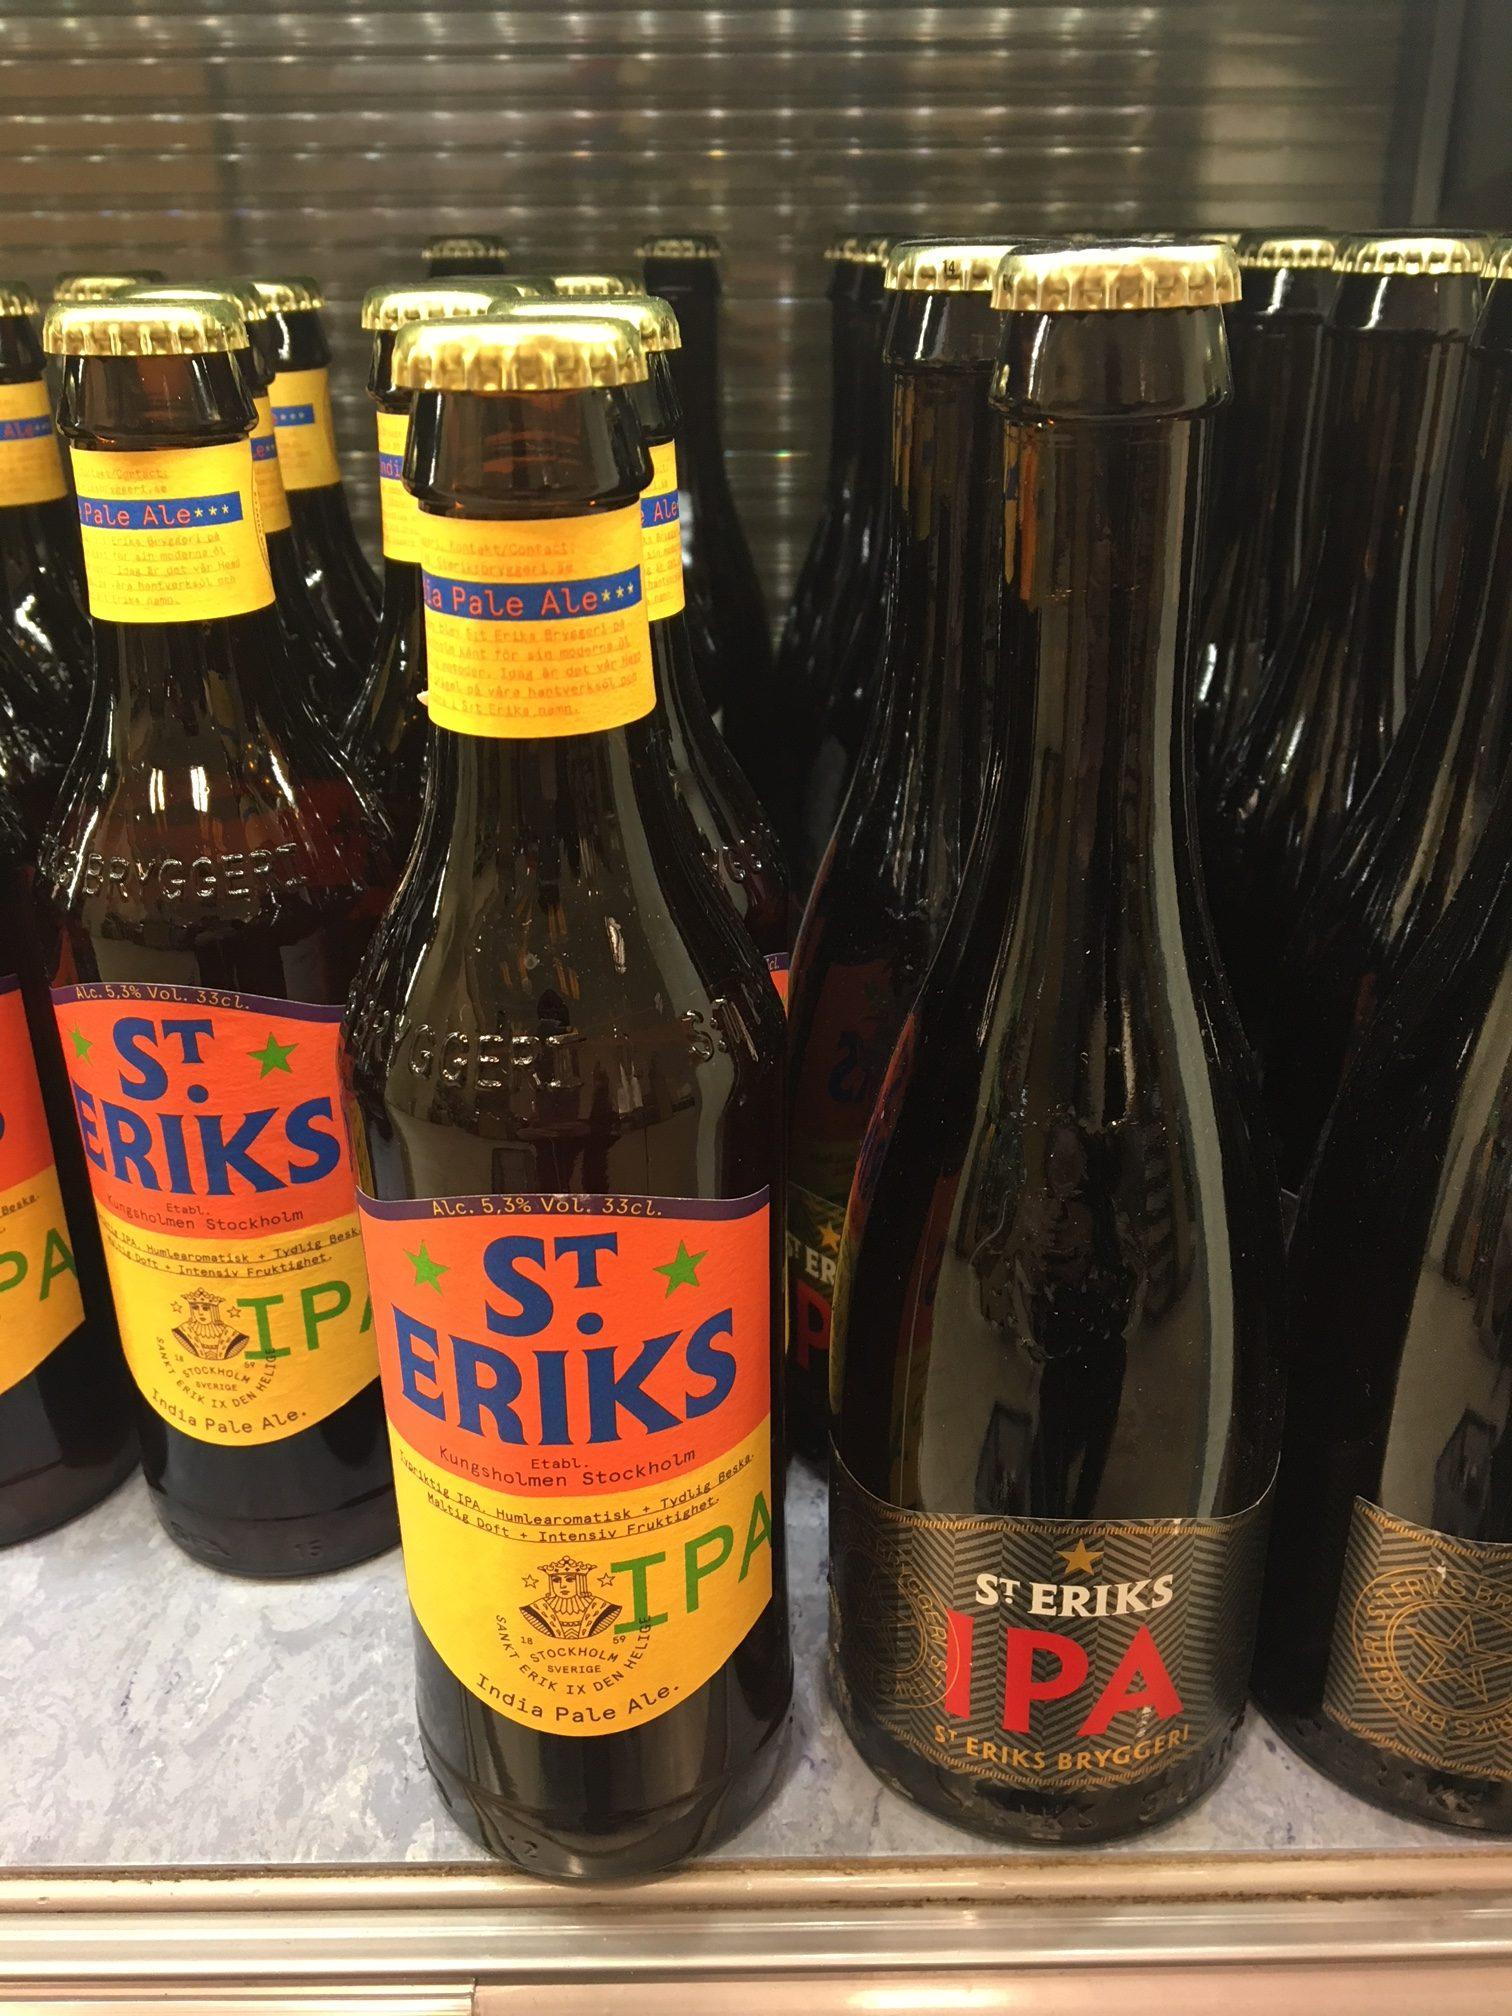 St Eriks IPA i gammalt och nytt utförande. Foto: Joel Linderoth.